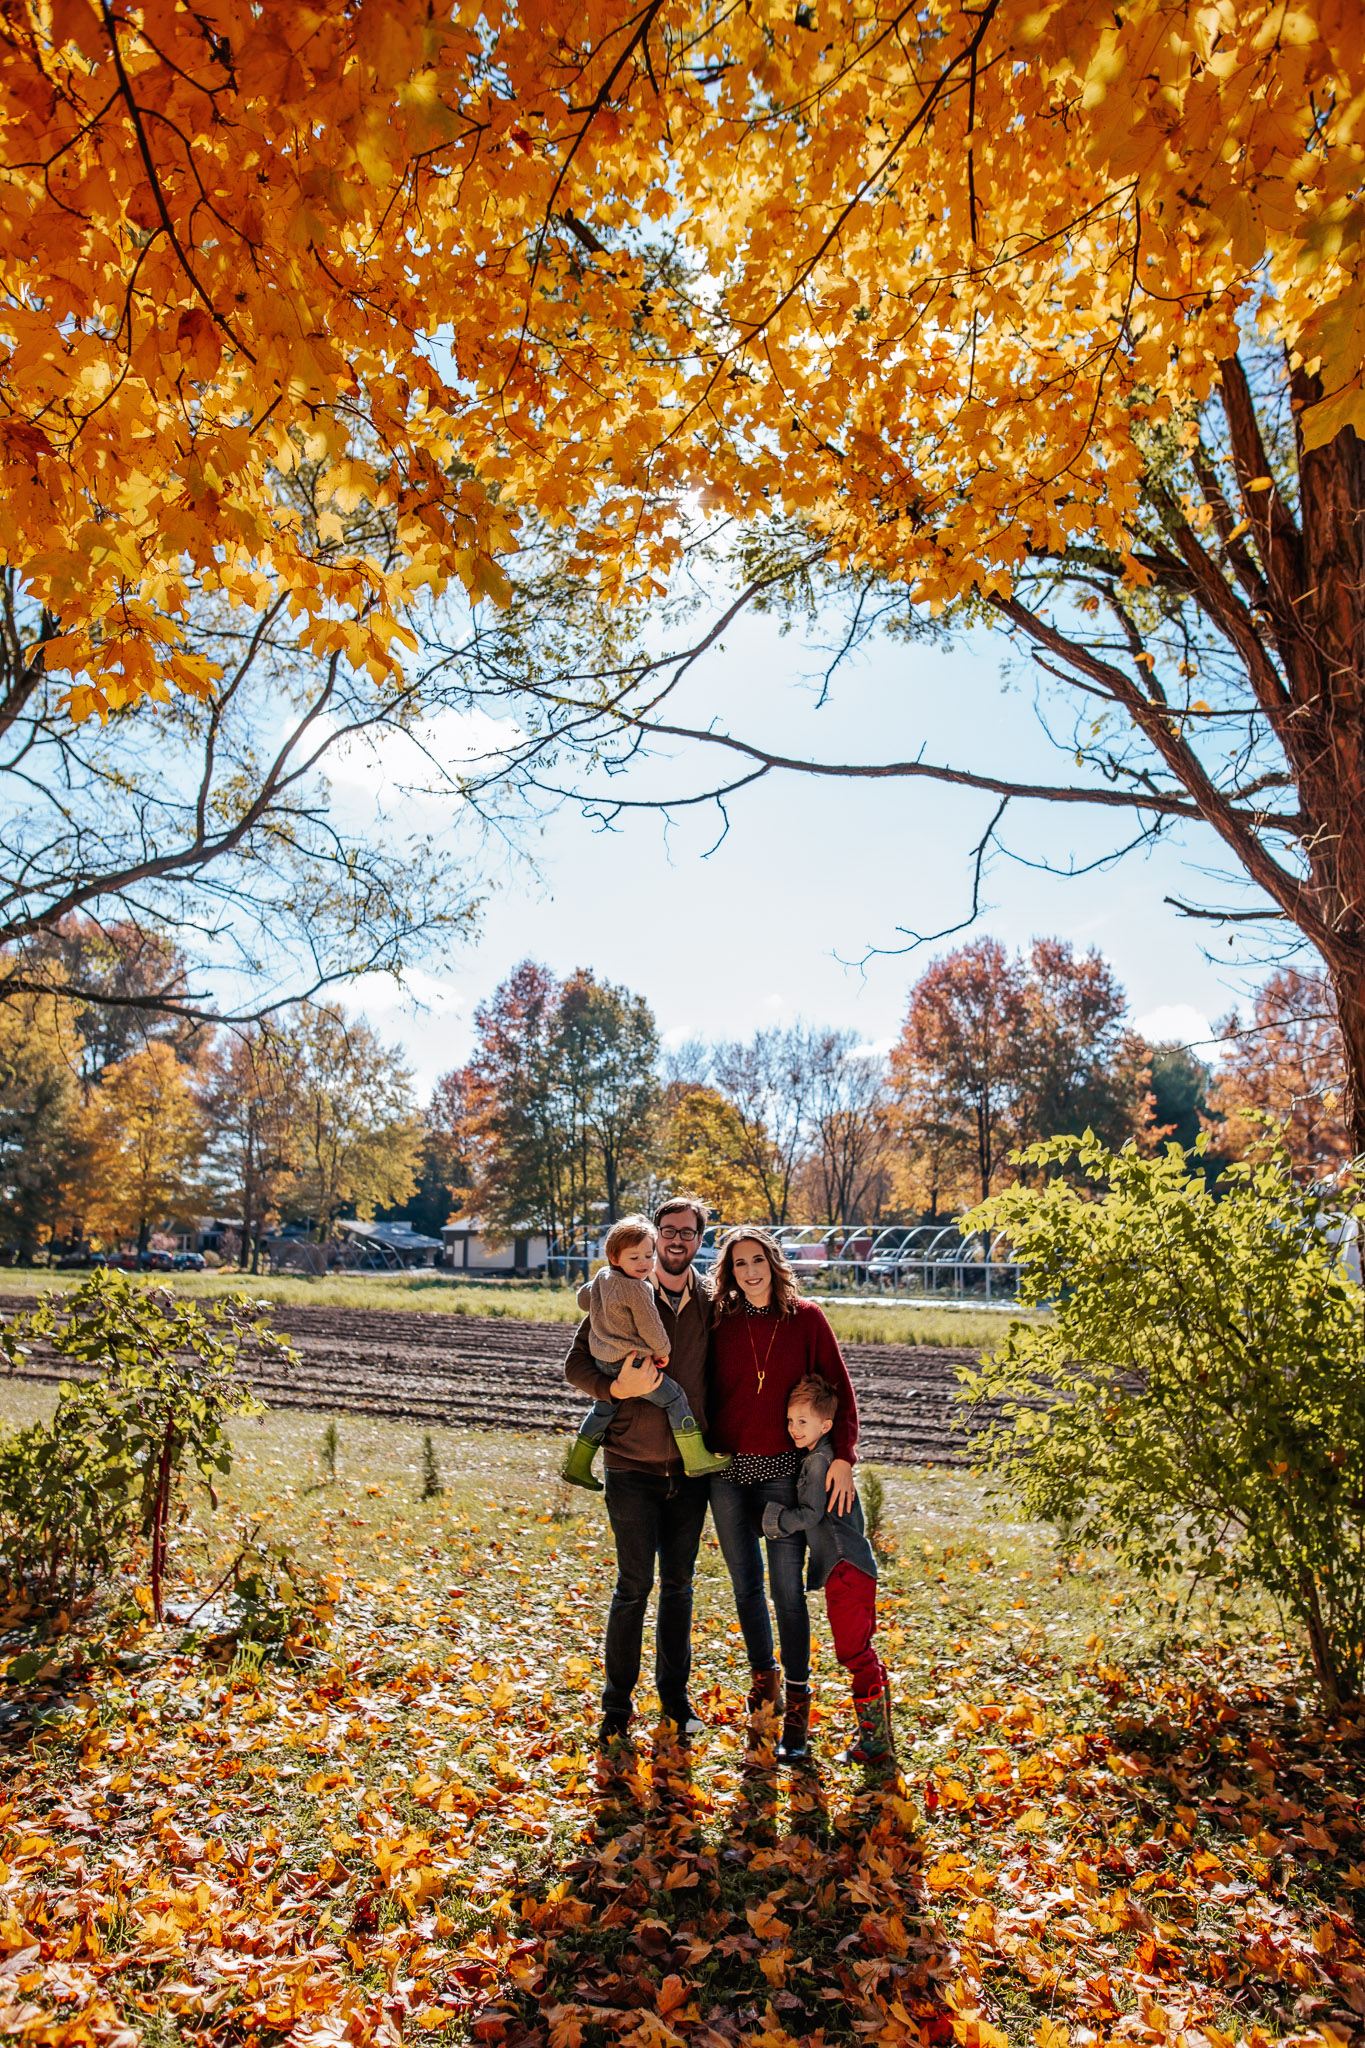 worthington-ohio-family-photography-6.jpg